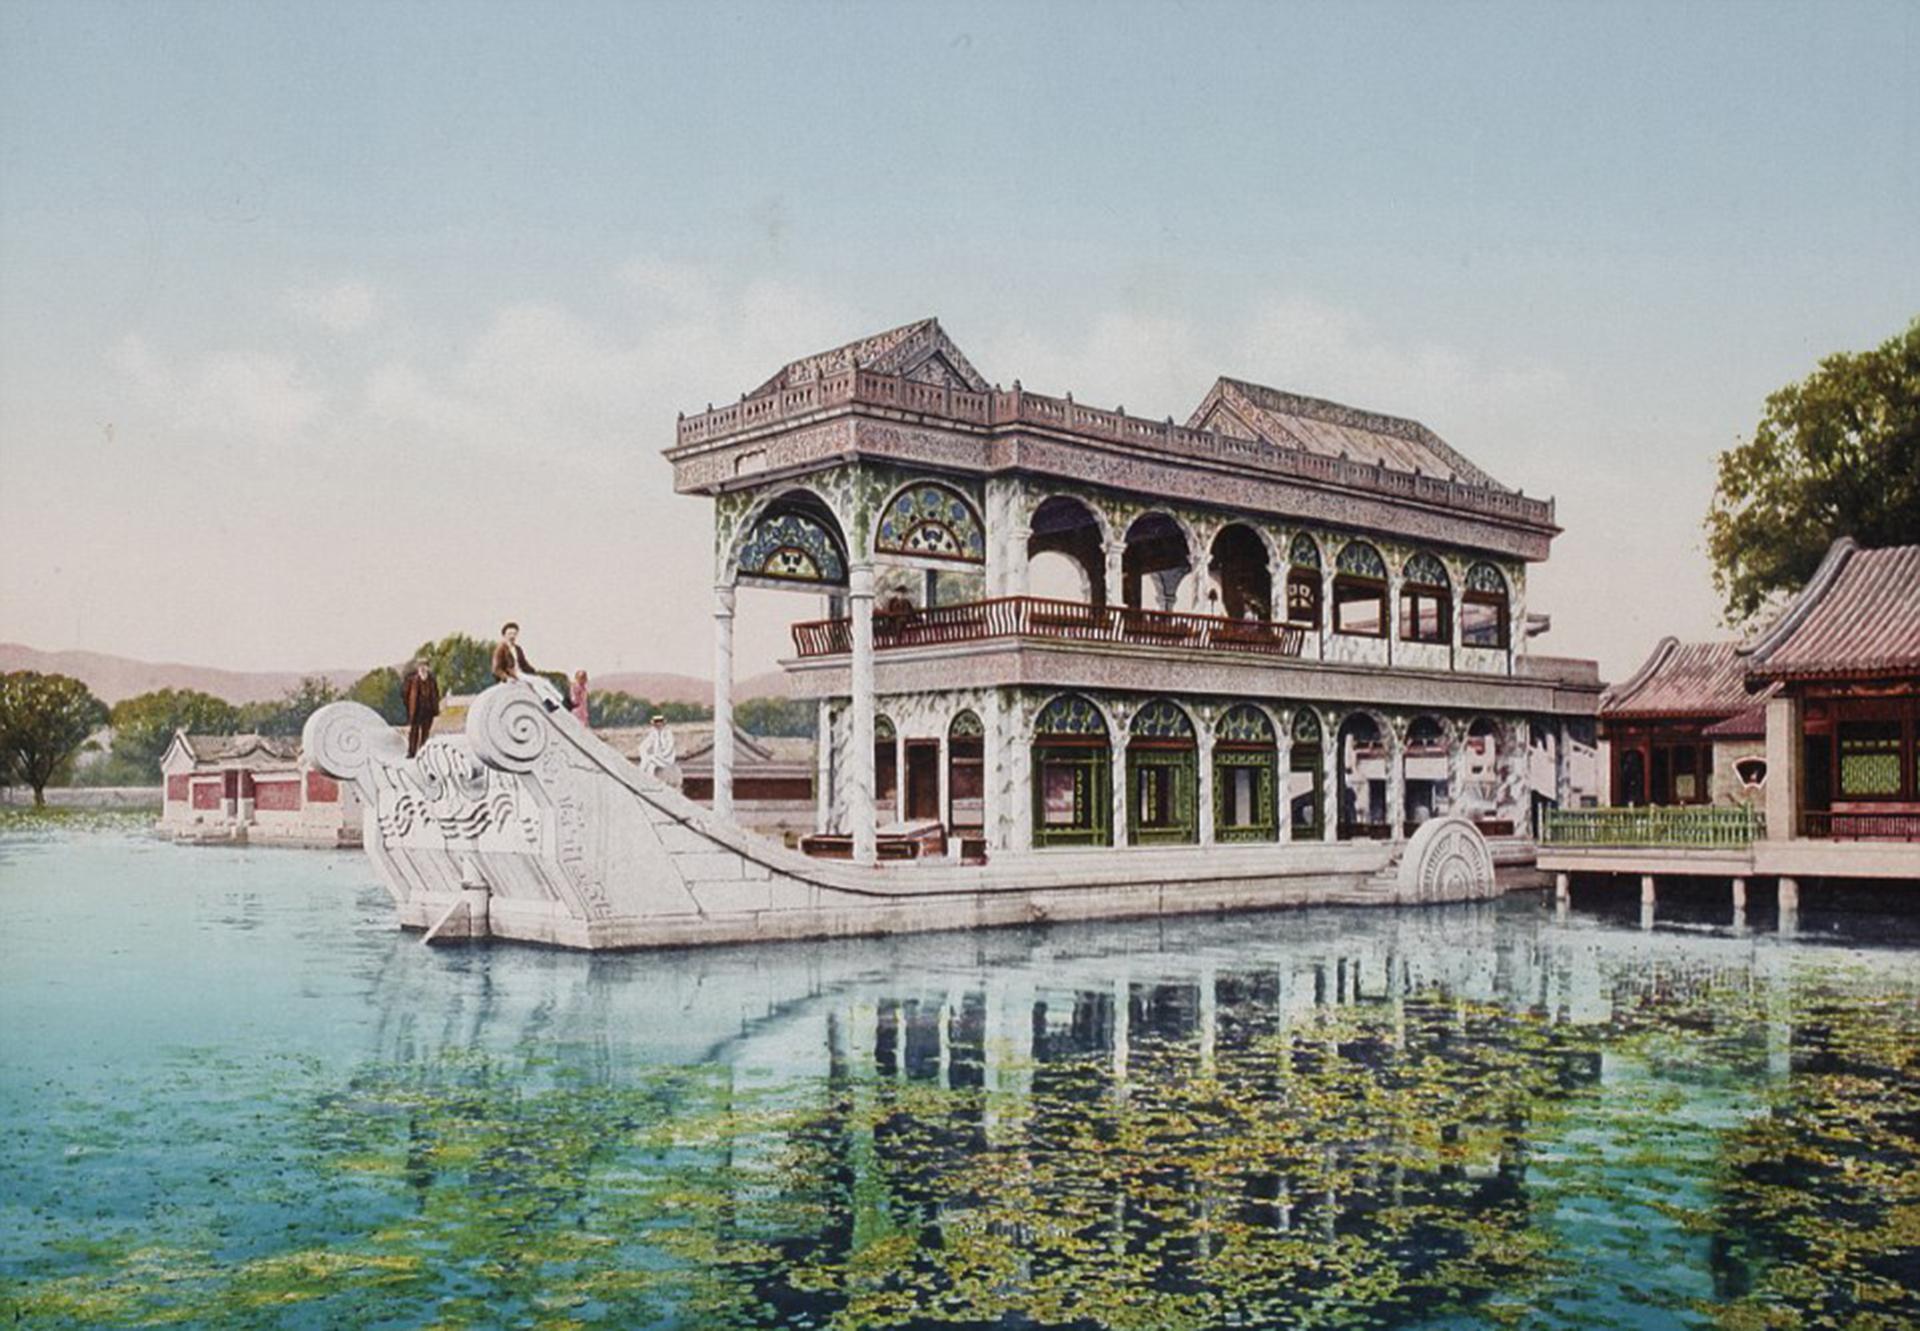 El año que se tomó esta fotografía no está claro para el Museo de la Cámara de Suiza. Se cree que el Barco de Mármol, en el Palacio de Verano de Beijing, fue capturado por la lente entre 1899 y 1911